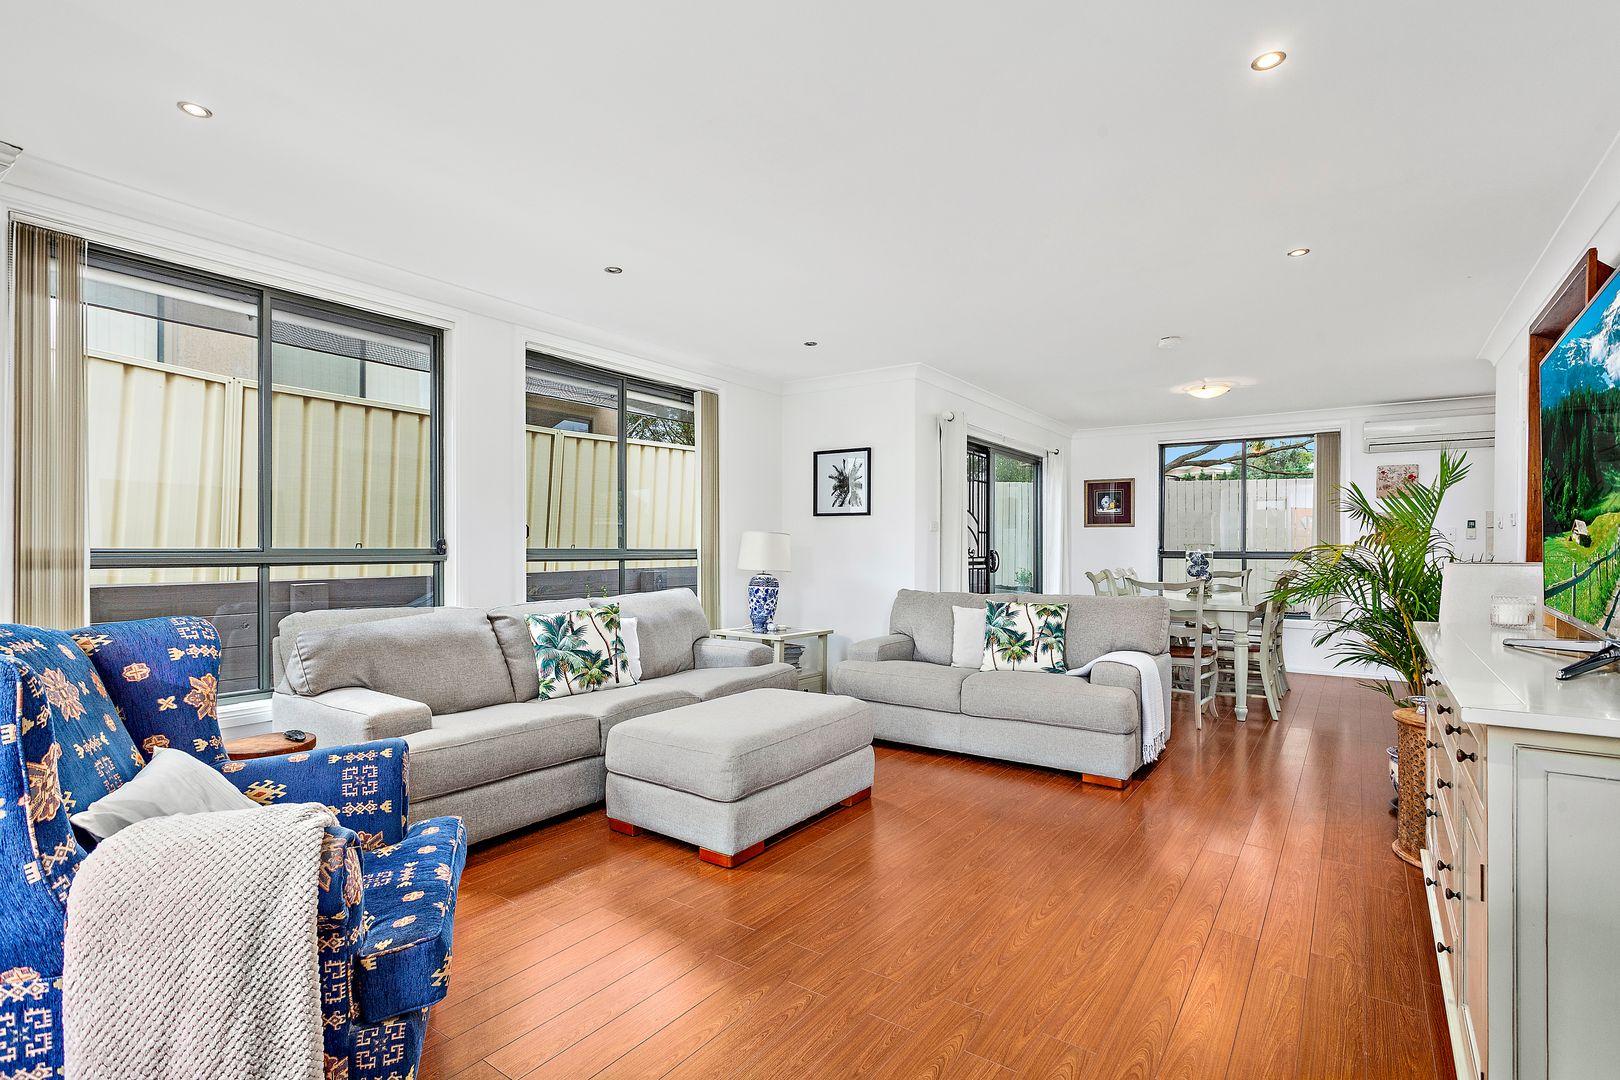 8/134 Kanahooka Road, Kanahooka NSW 2530, Image 1